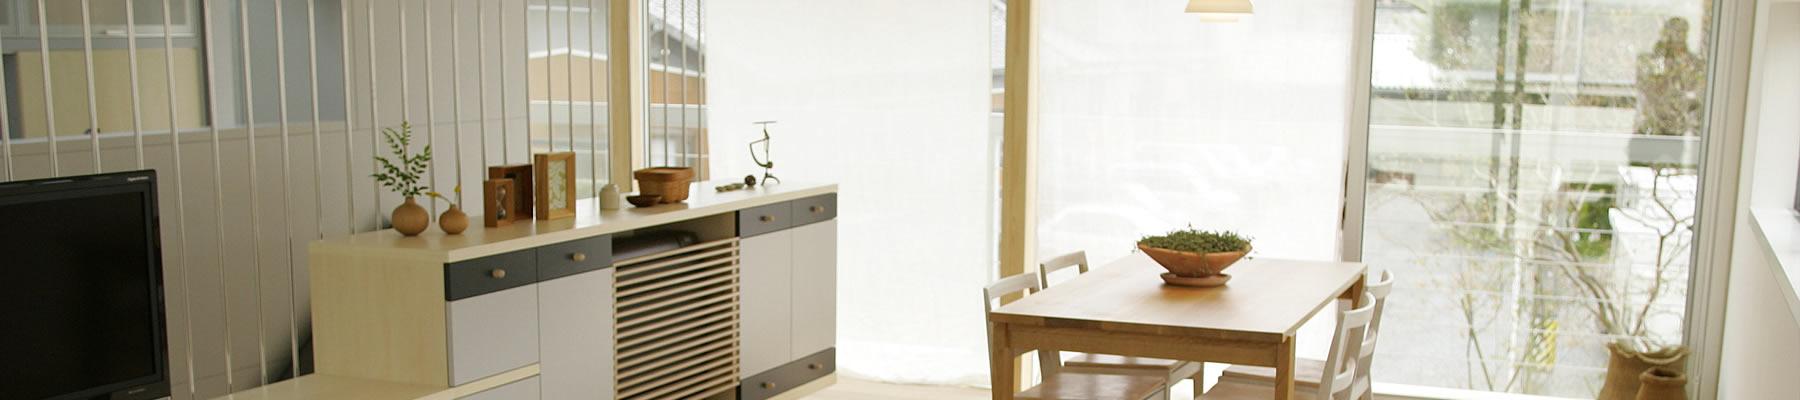 設計した人 家族が心地よく暮らせる私サイズの家 安水建設